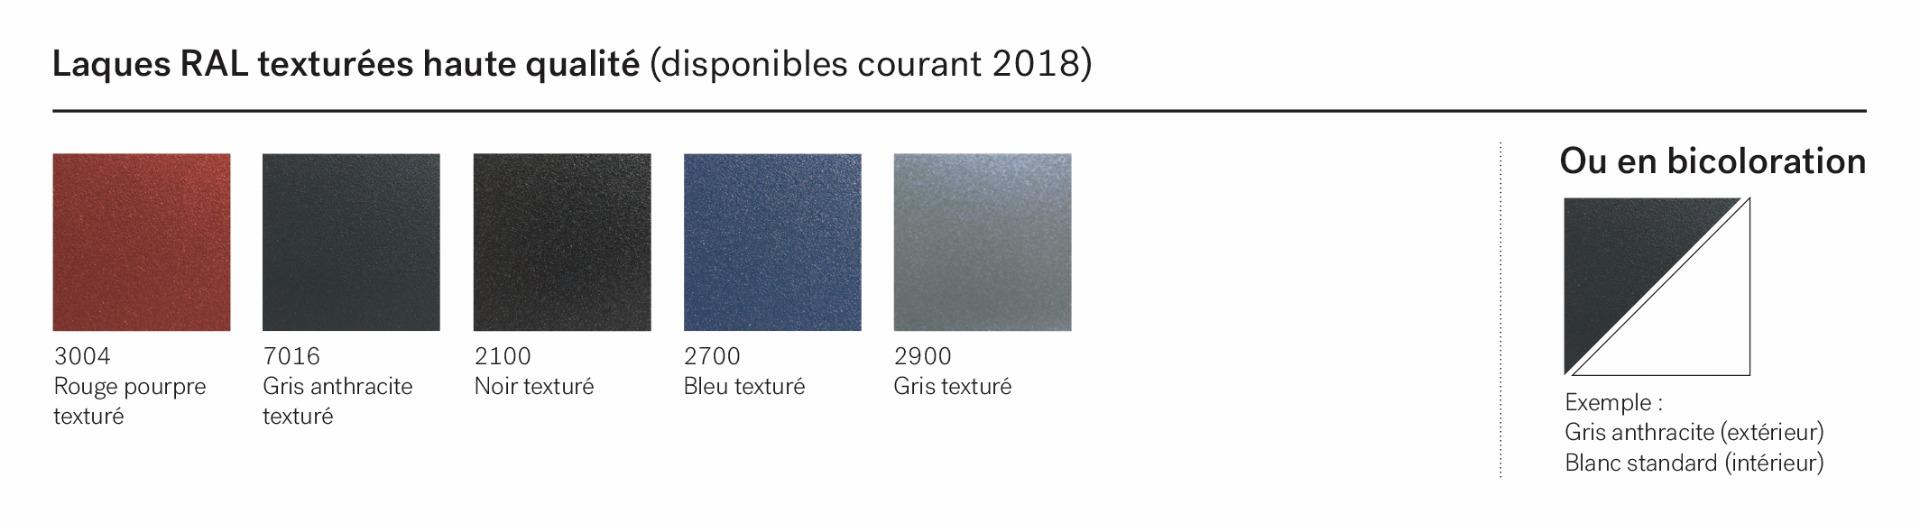 Laques RAL texturées haute qualité